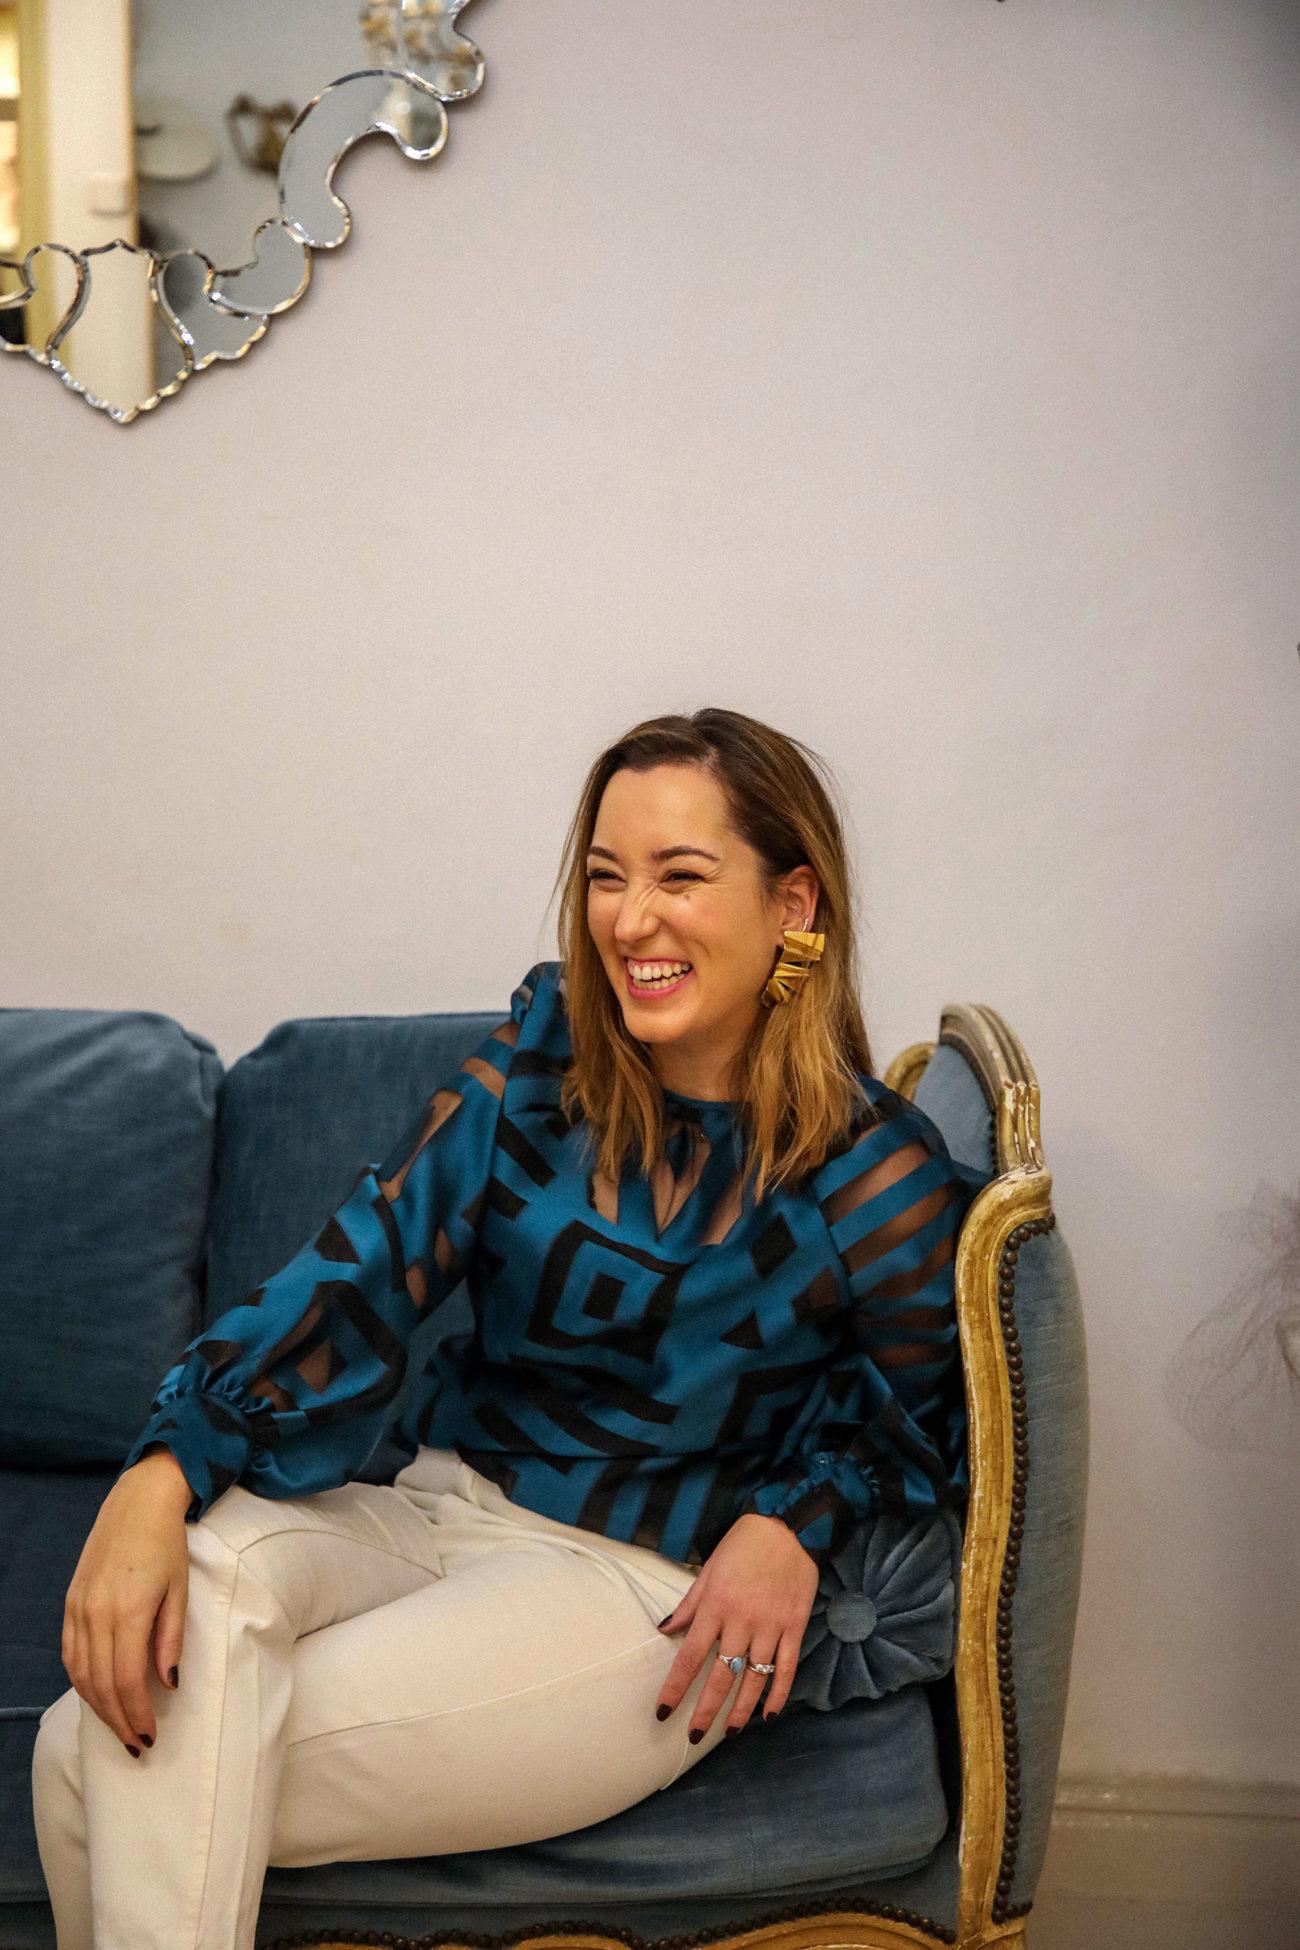 Ana María Chico de Guzmán con blusa MIGUEL MARINERO y pendientes @de_vaya.